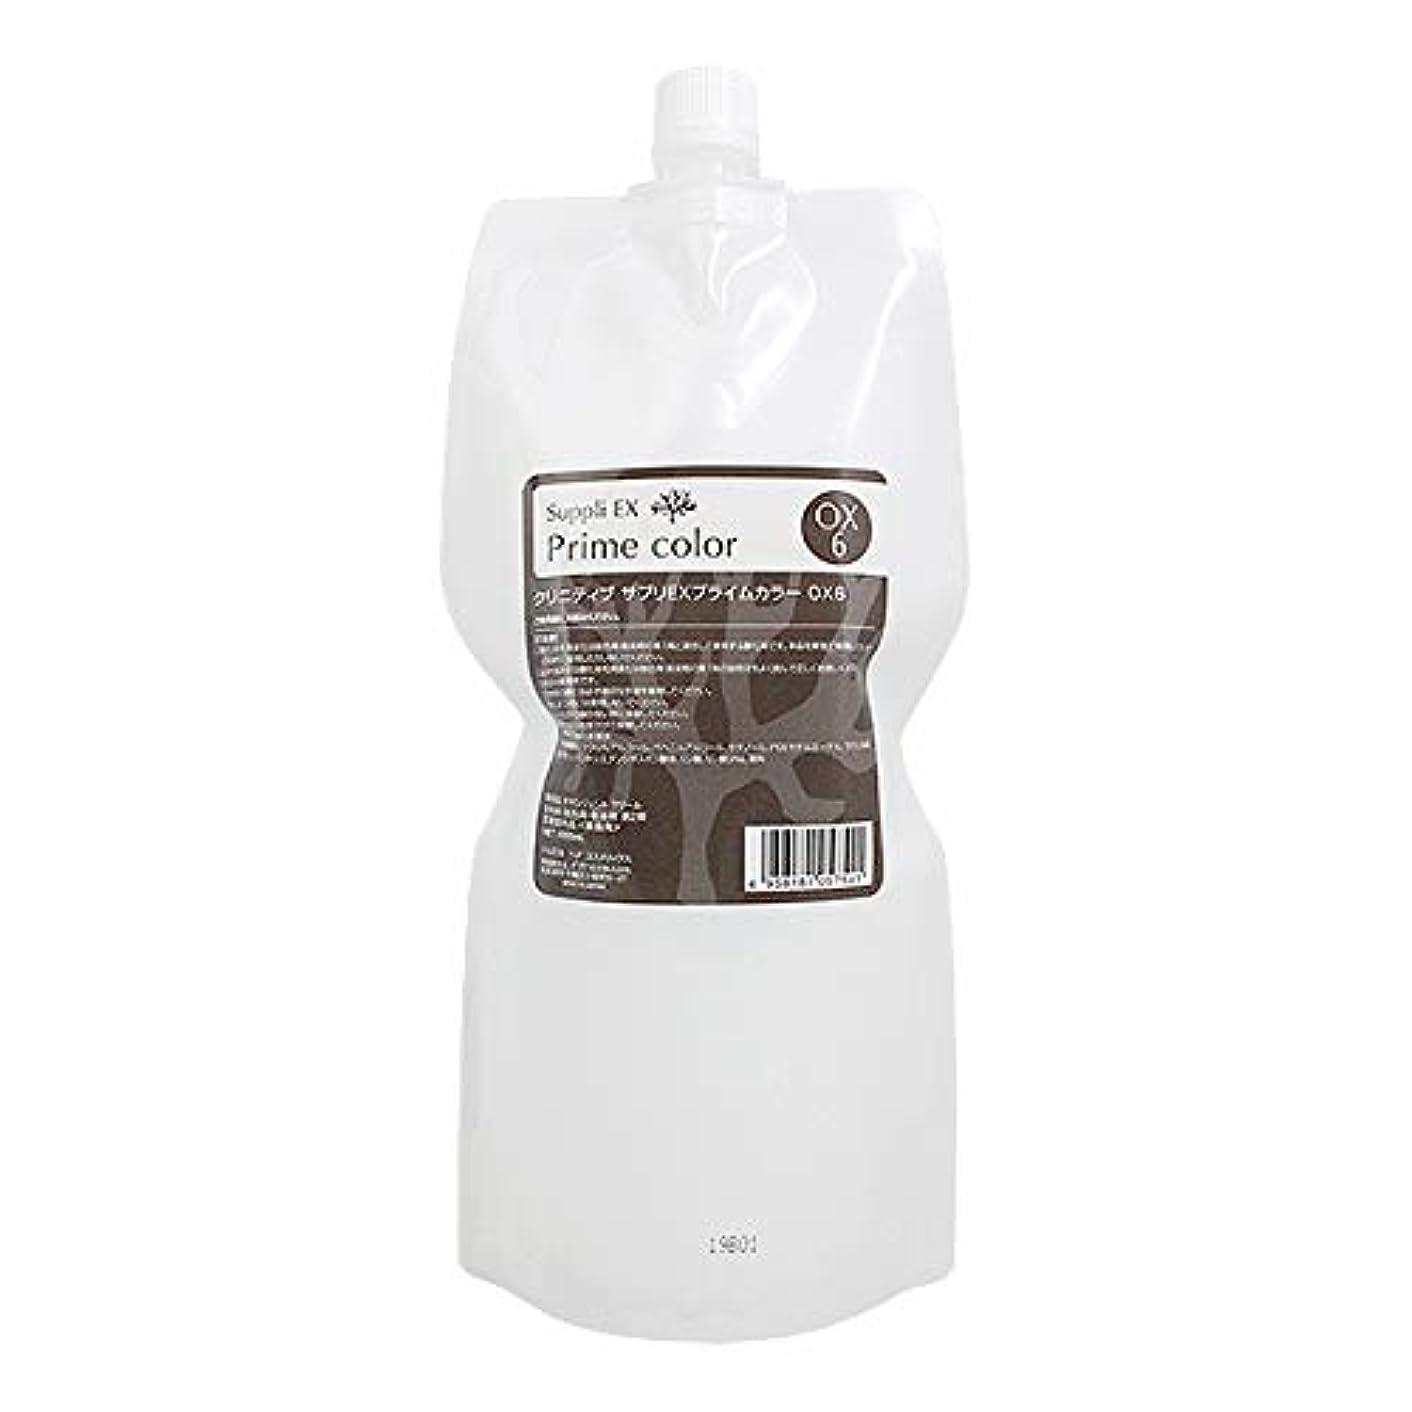 取るに足らない教義平野イリヤ化学 クリニティブ サプリEXプライムカラー アテンド(染毛補助クリーム) 300g